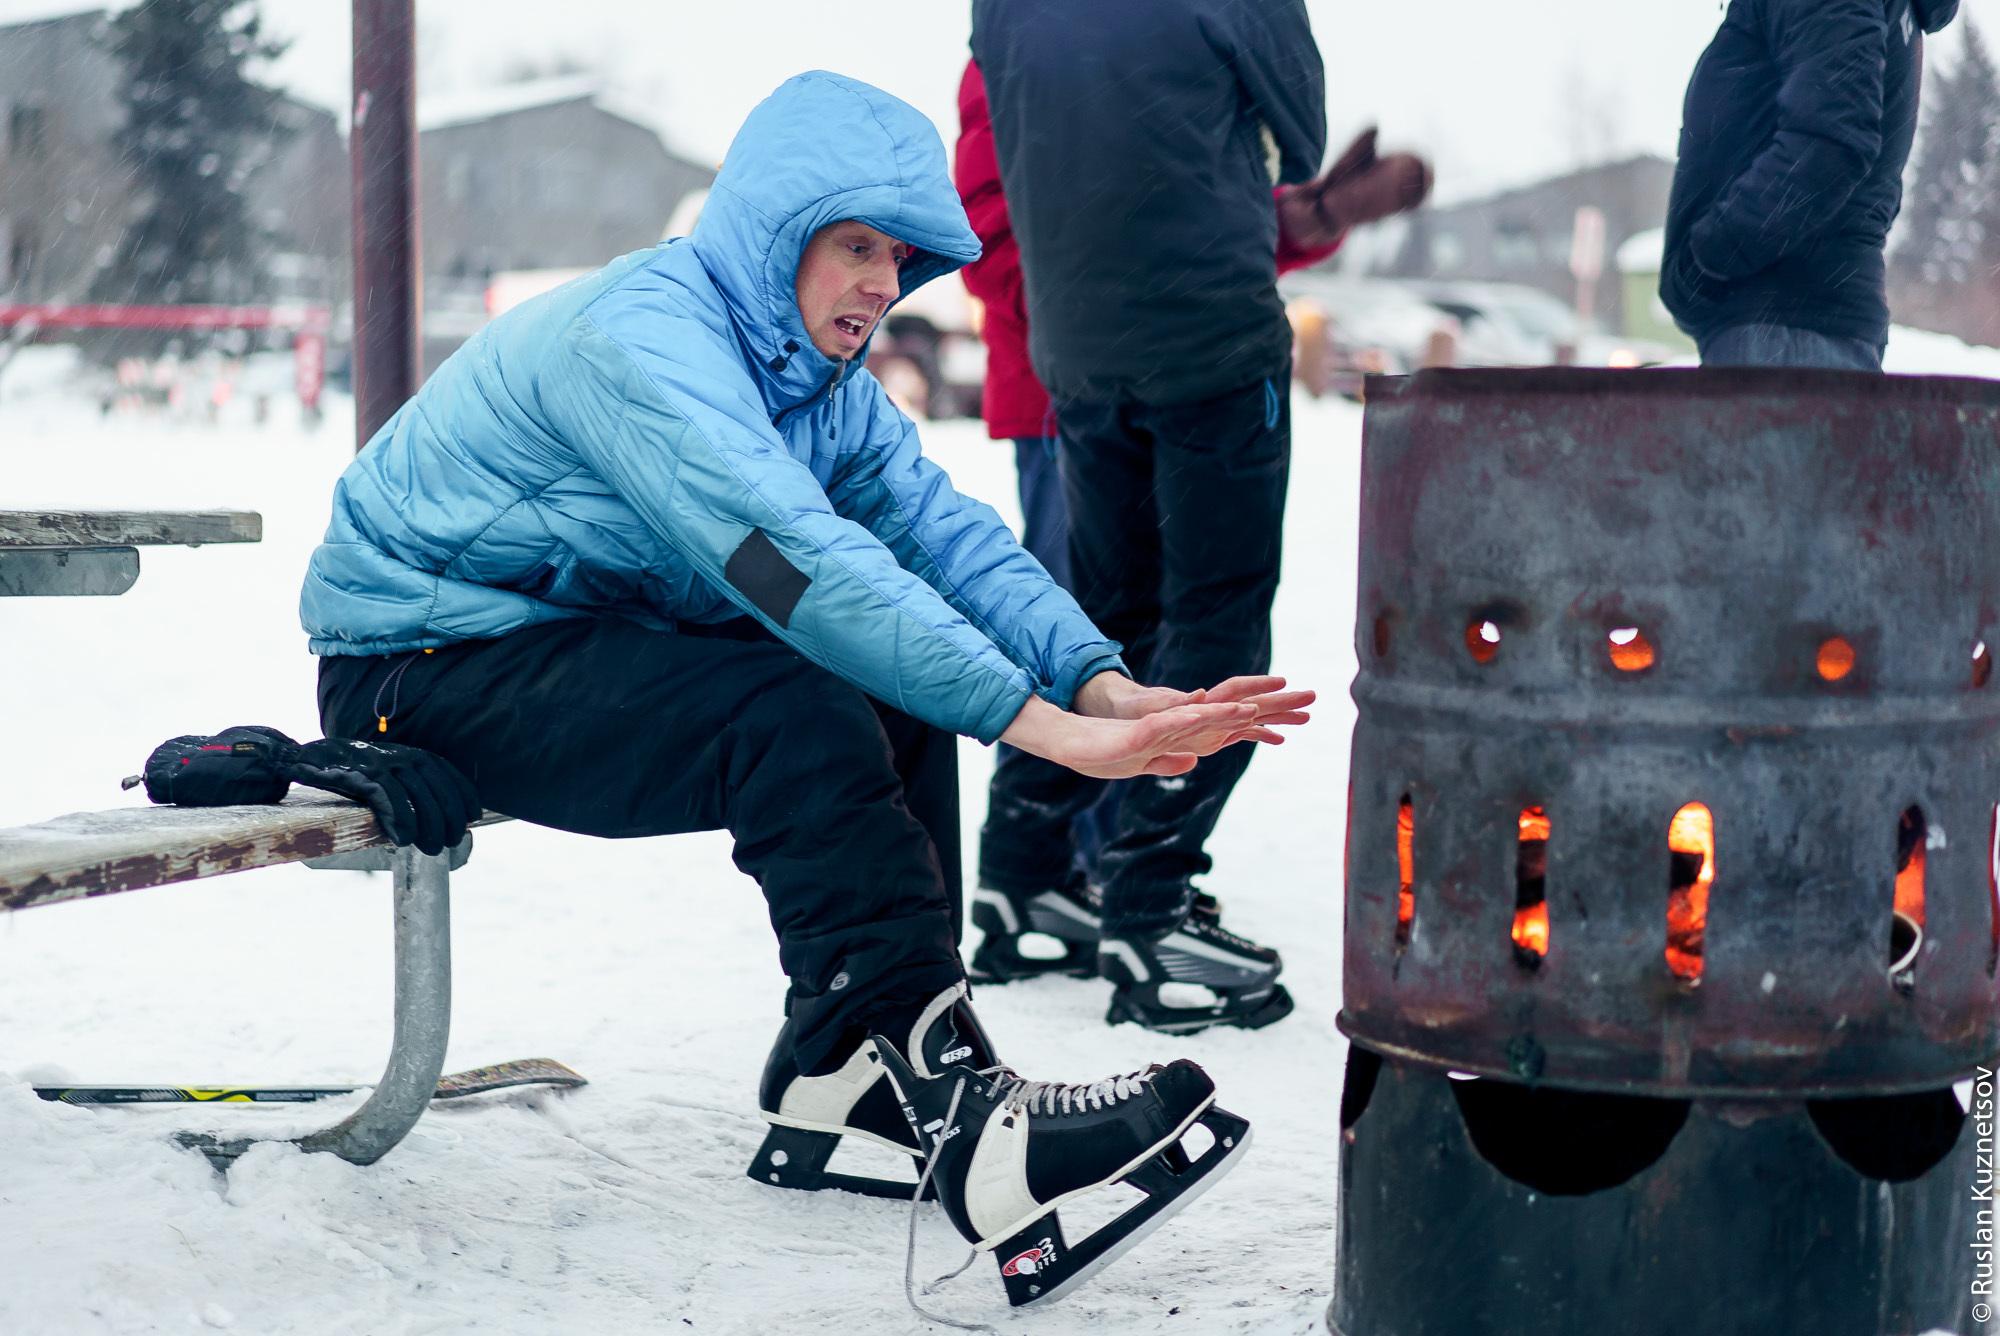 Зима в Анкоридже зимой, время, мороз, здесь, лучше, аляскинцы, Анкориджа, Здесь, нашем, дороги, вполне, любое, города, десяти, трассы, больше, Сейчас, Аляске, выпадет, когда